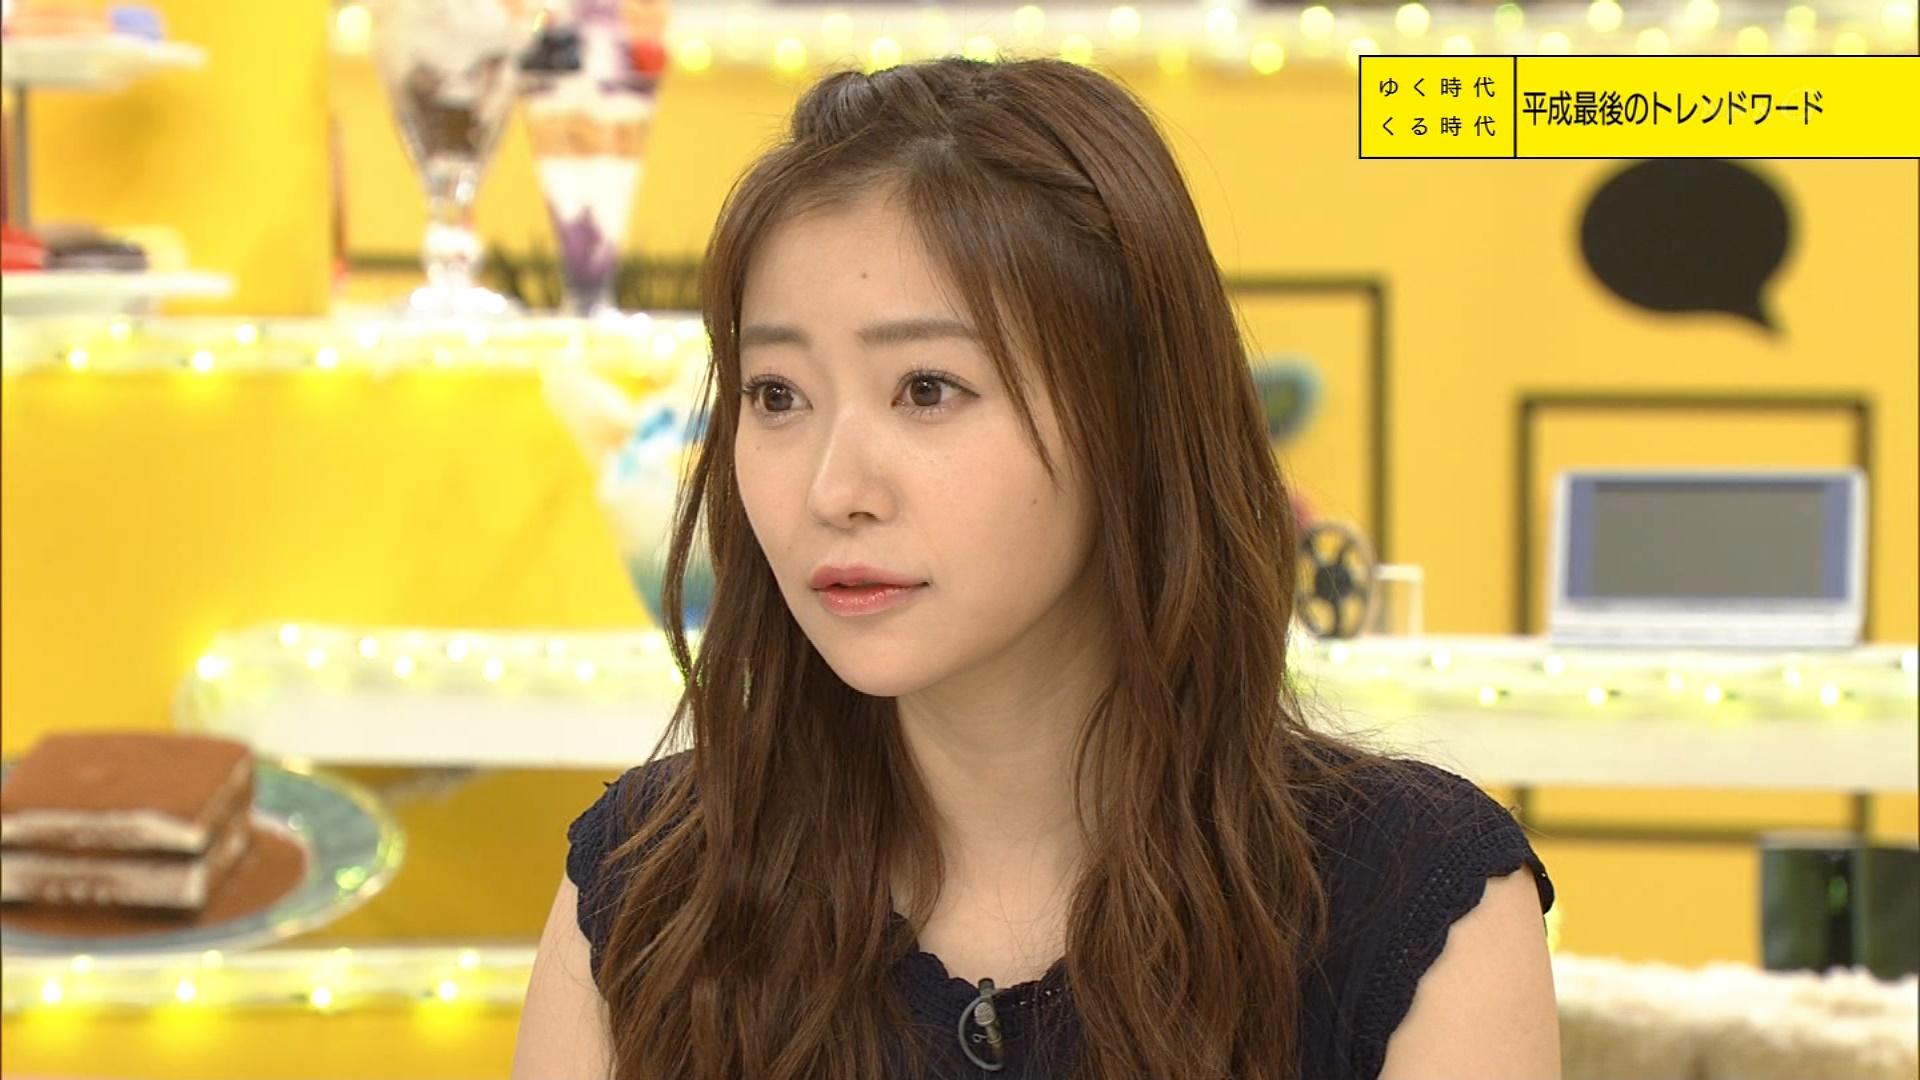 NHK改元特番に出てた指原莉乃の顔が綺麗すぎたと話題wwwwww